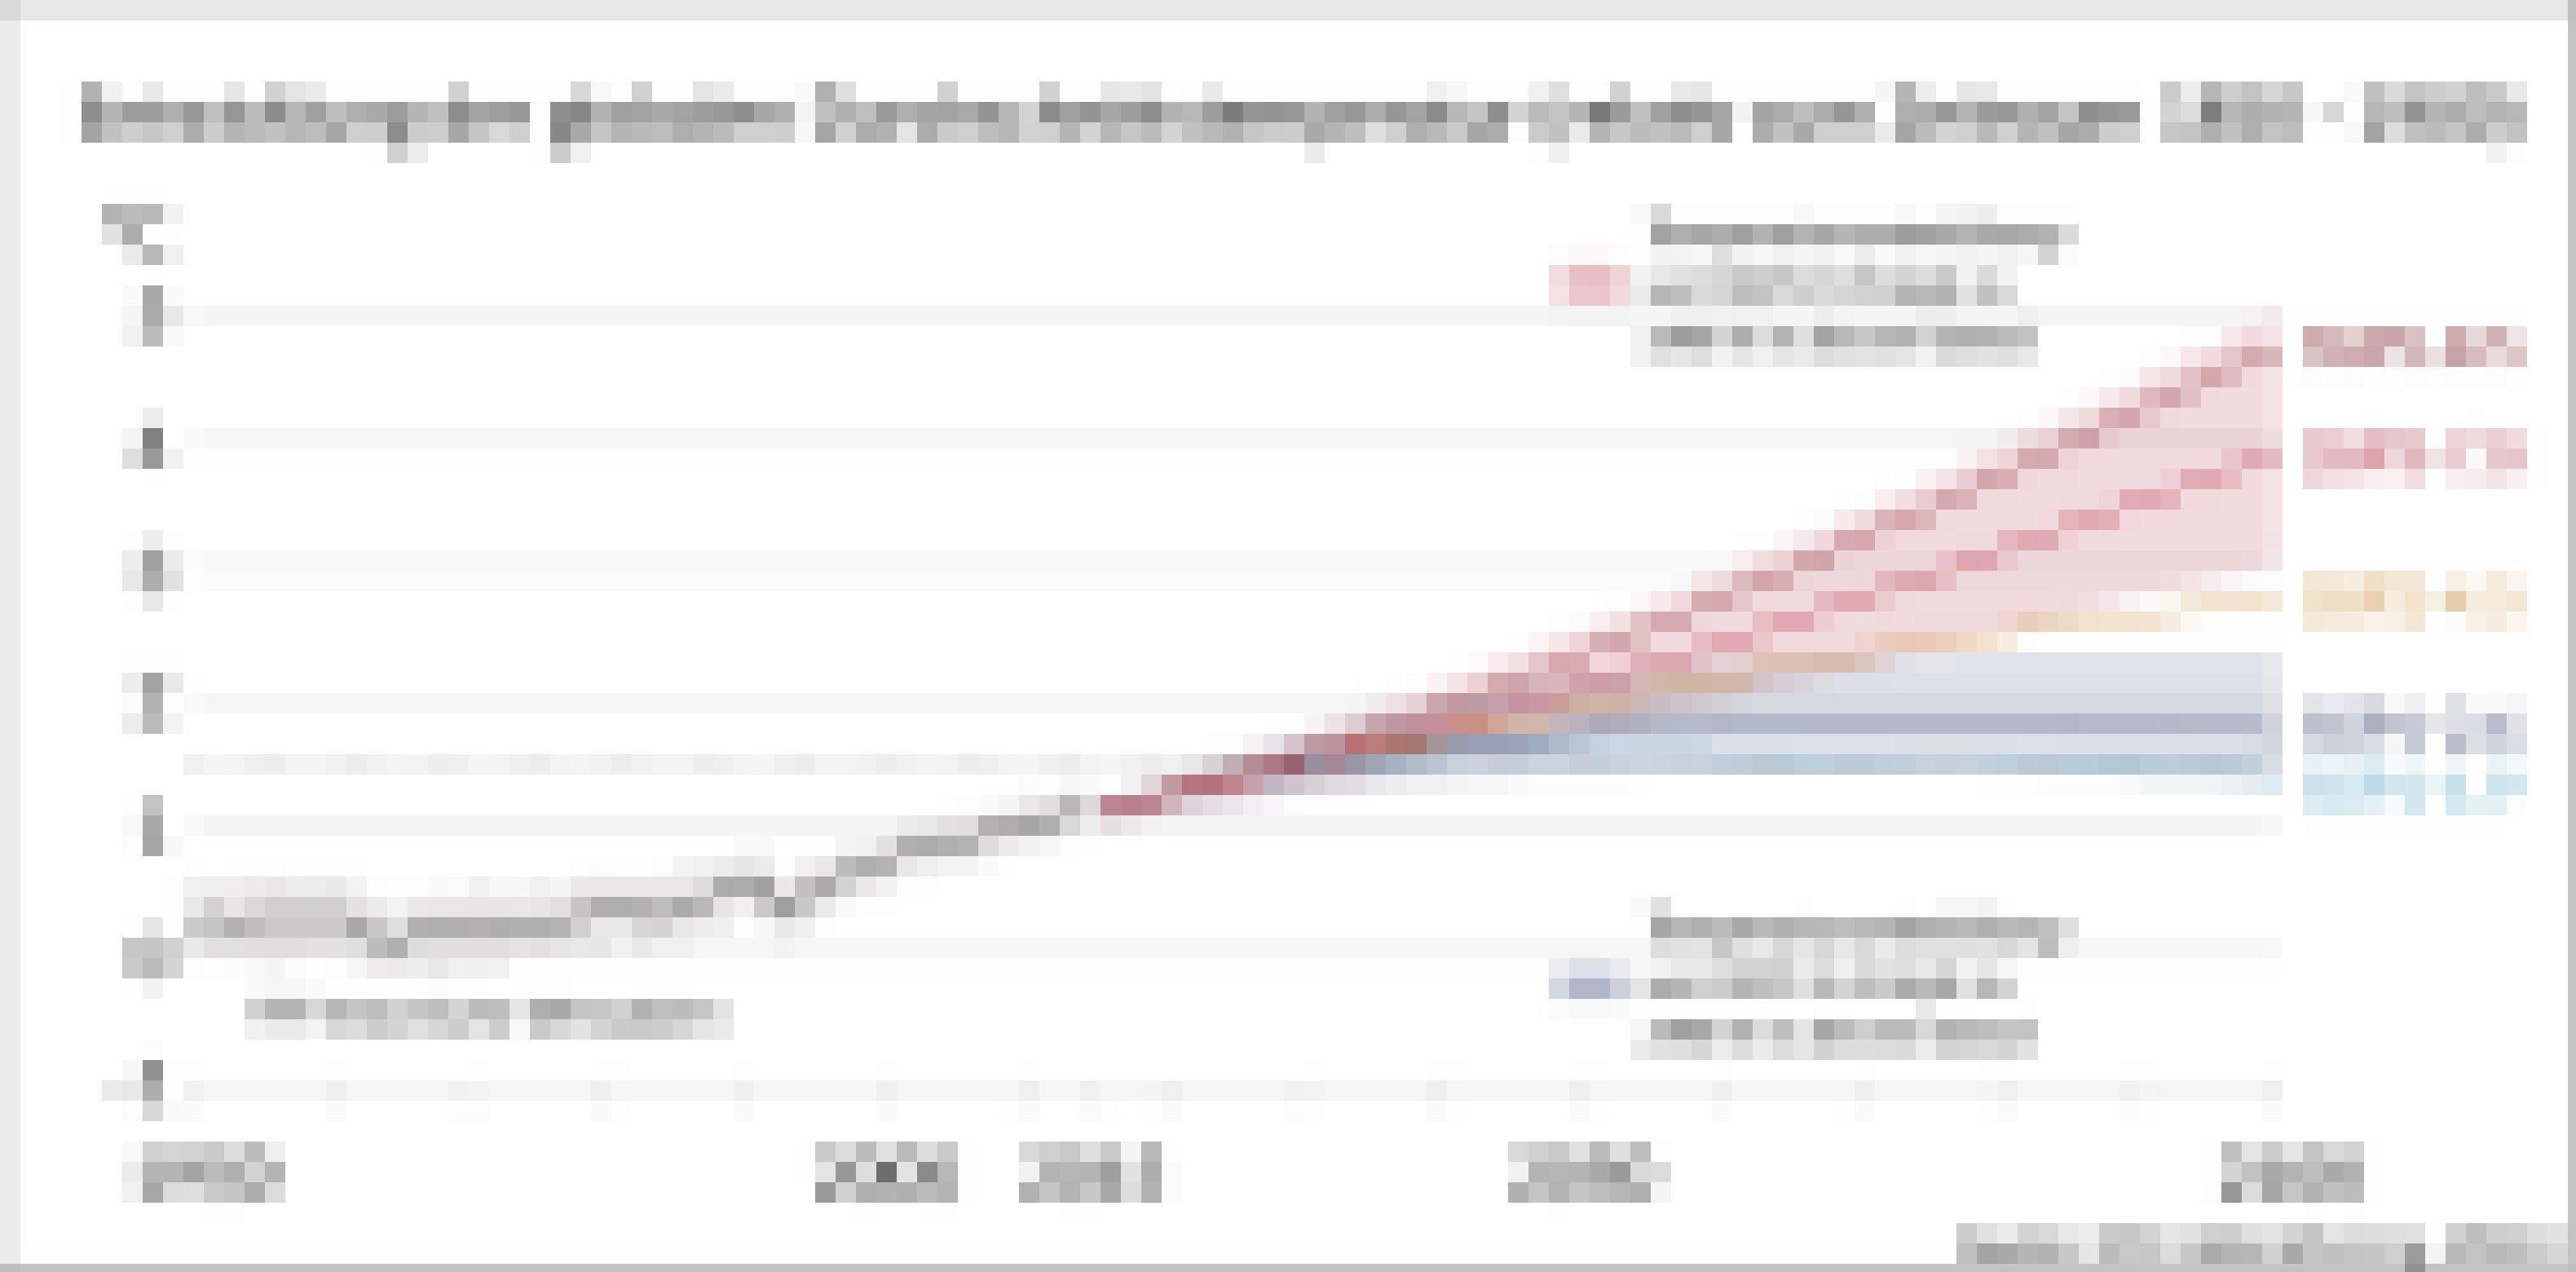 Die Grafik zeigt Temperaturwerte der kündigten Erderhitzung (in Relation zur Zeit vor der Industrialisierung) über der Zeit. Für die Zeit von 1950bis 2015belegen historische Messdaten in Grau die Temperaturzunahme von etwa 0,3auf 1,1Grad Celsius. Danach setzen fünf farbige Linien ein, die bis zum Jahr 2100eine Erwärmung von 1,4bis 4,7Grad erreichen.